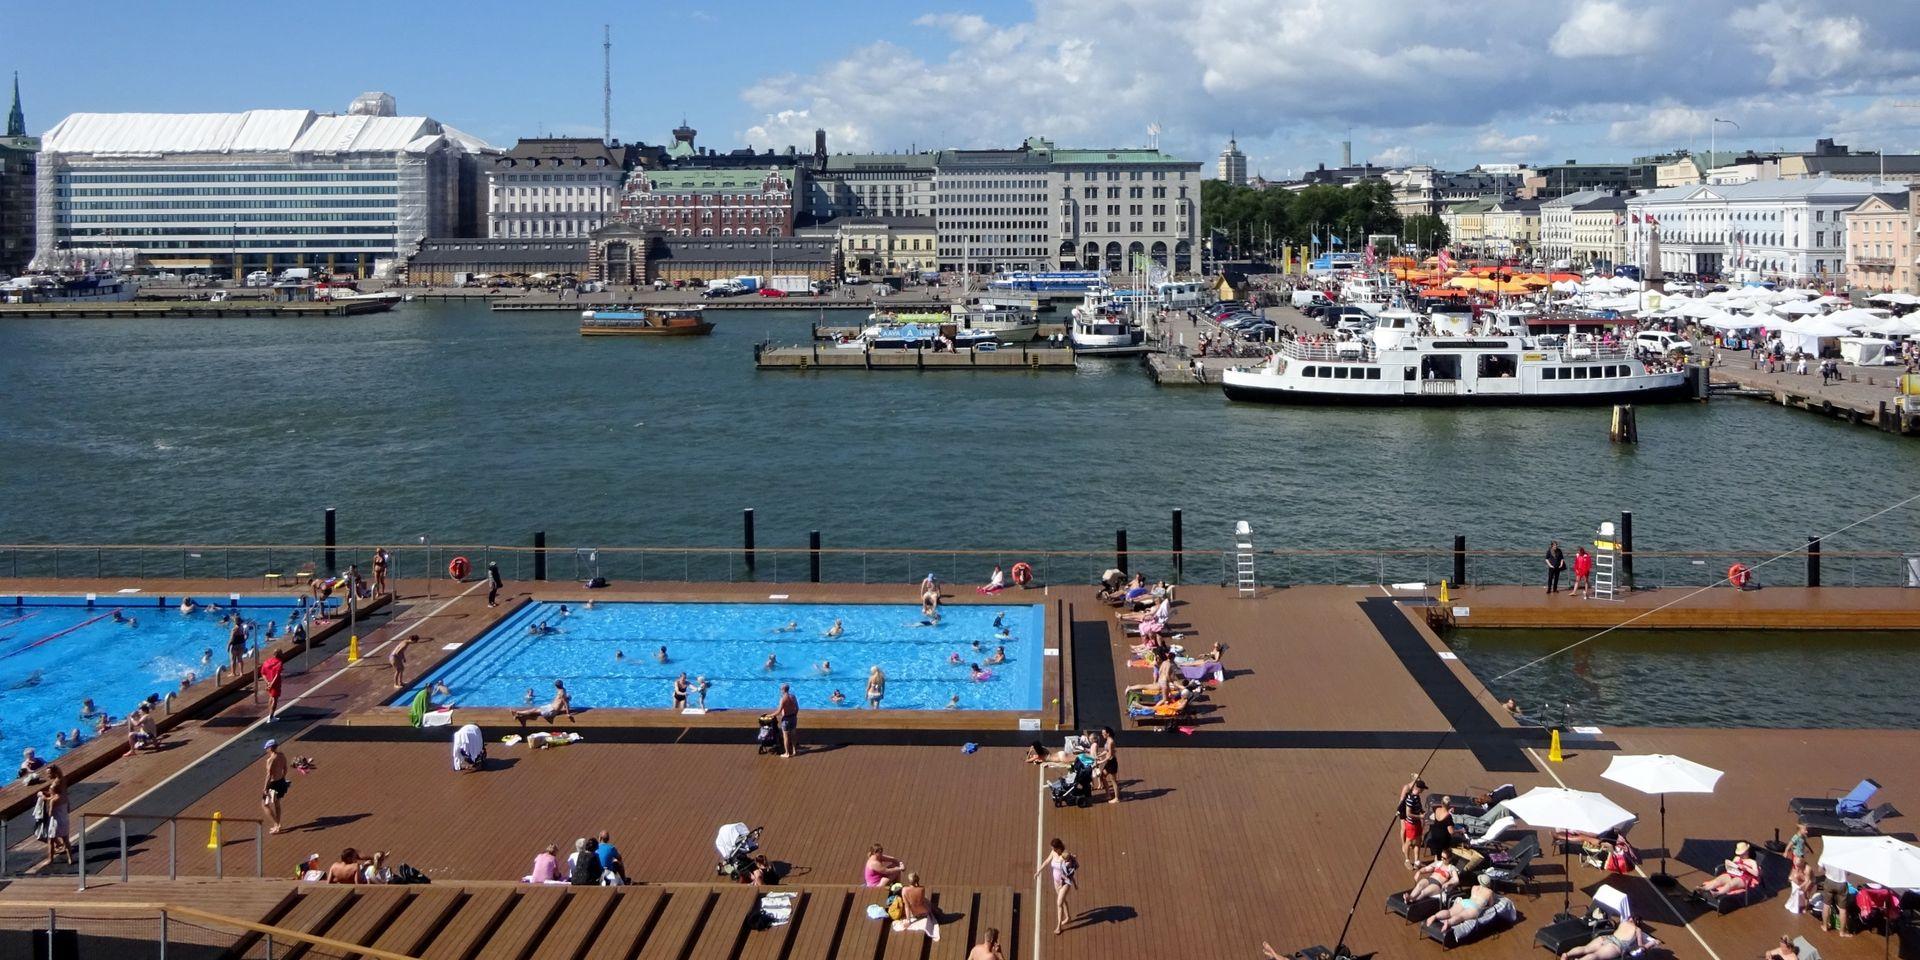 Une Piscine À L'extérieur Comme À Helsinki Pour Remplacer ... avec Piscine Mouscron